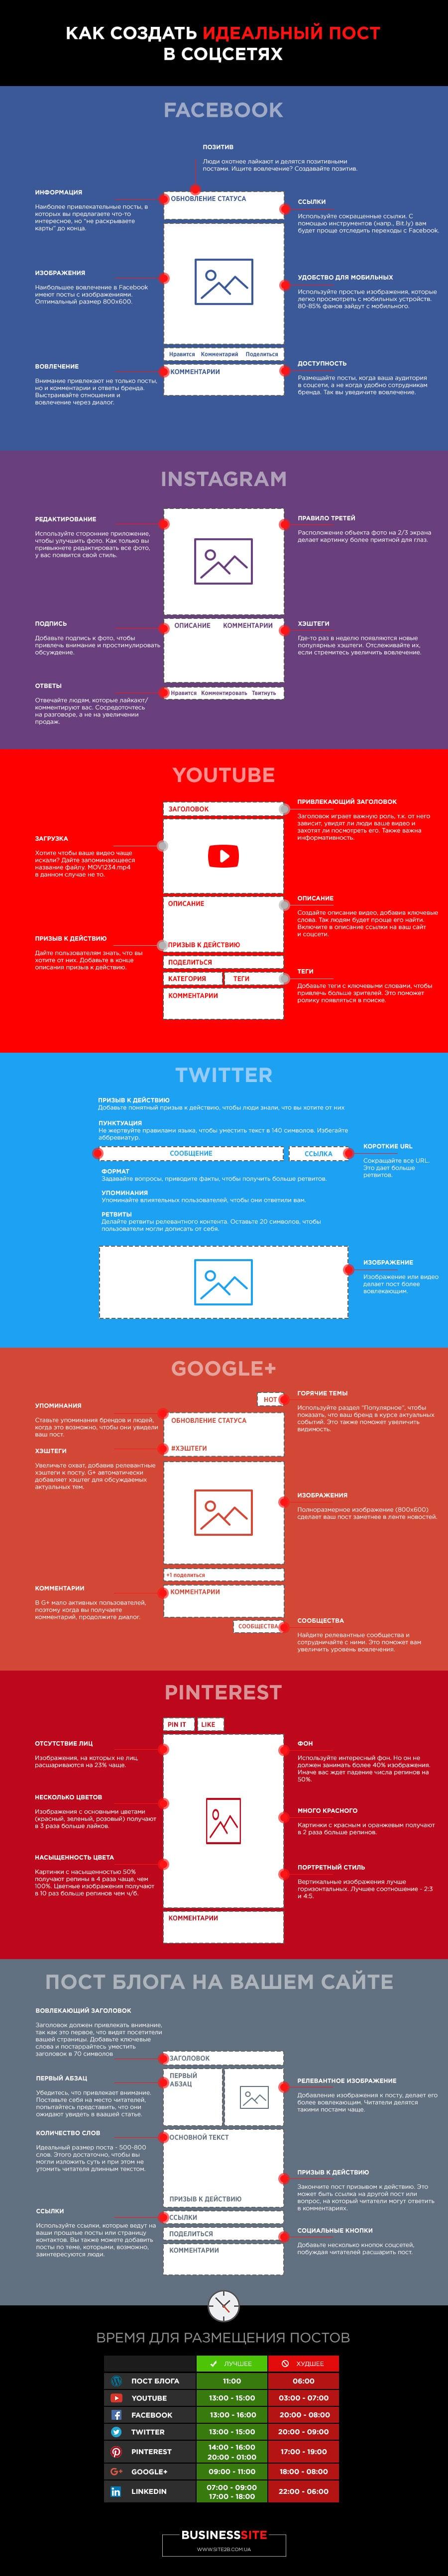 Эффективный контент для социальных сетей